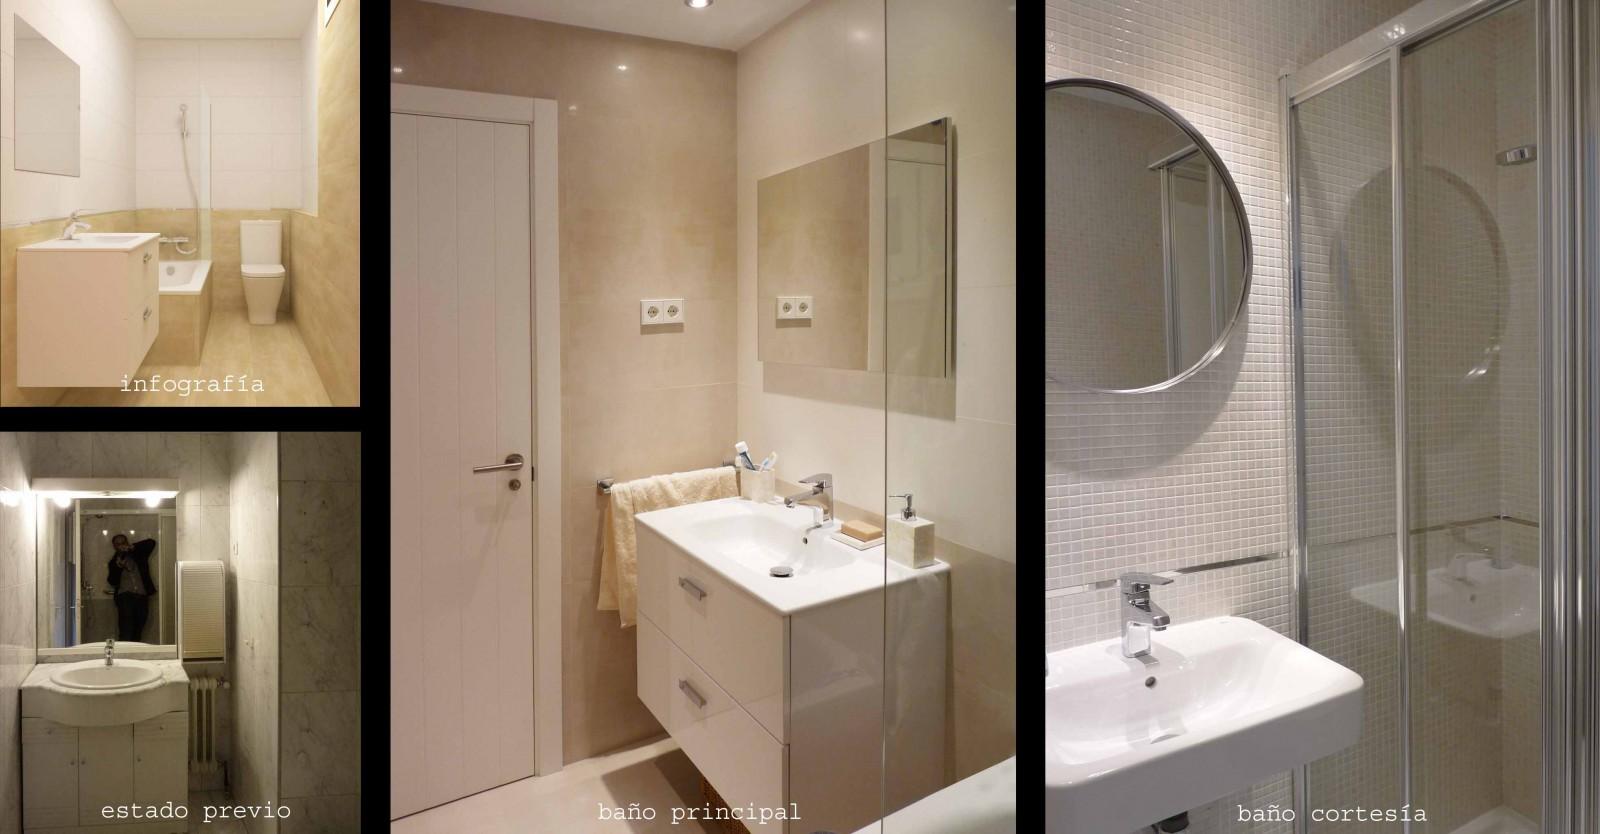 Se pasó de un baño y aseo a un baño en suite con bañera y baño de cortesía con ducha.